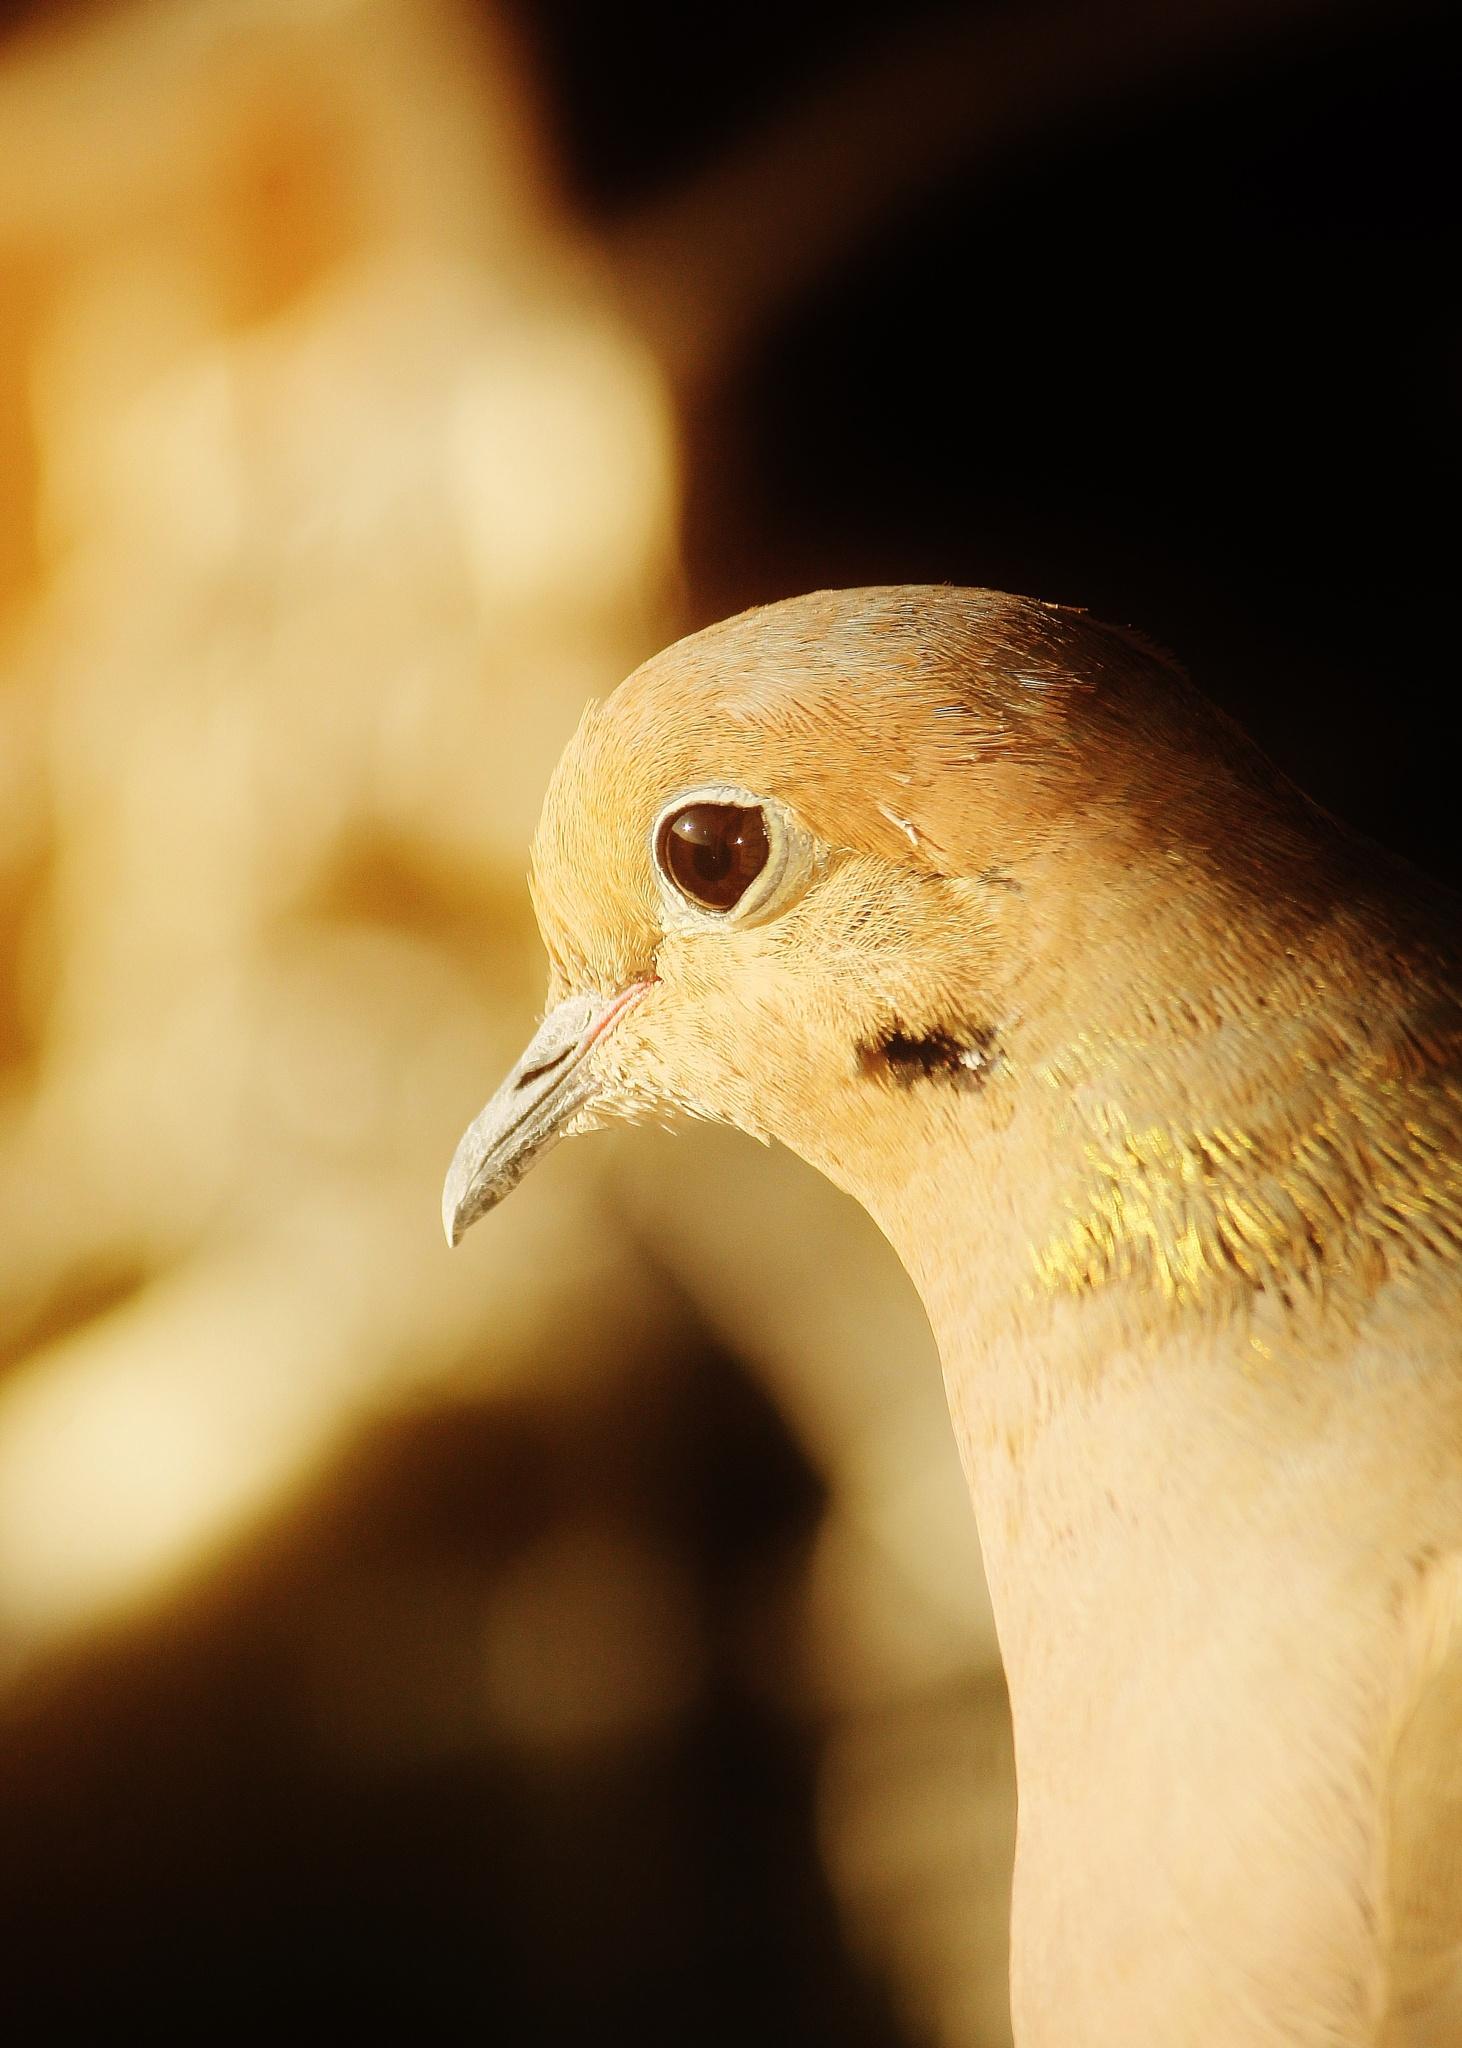 Morning bird, by Liborio Drogo